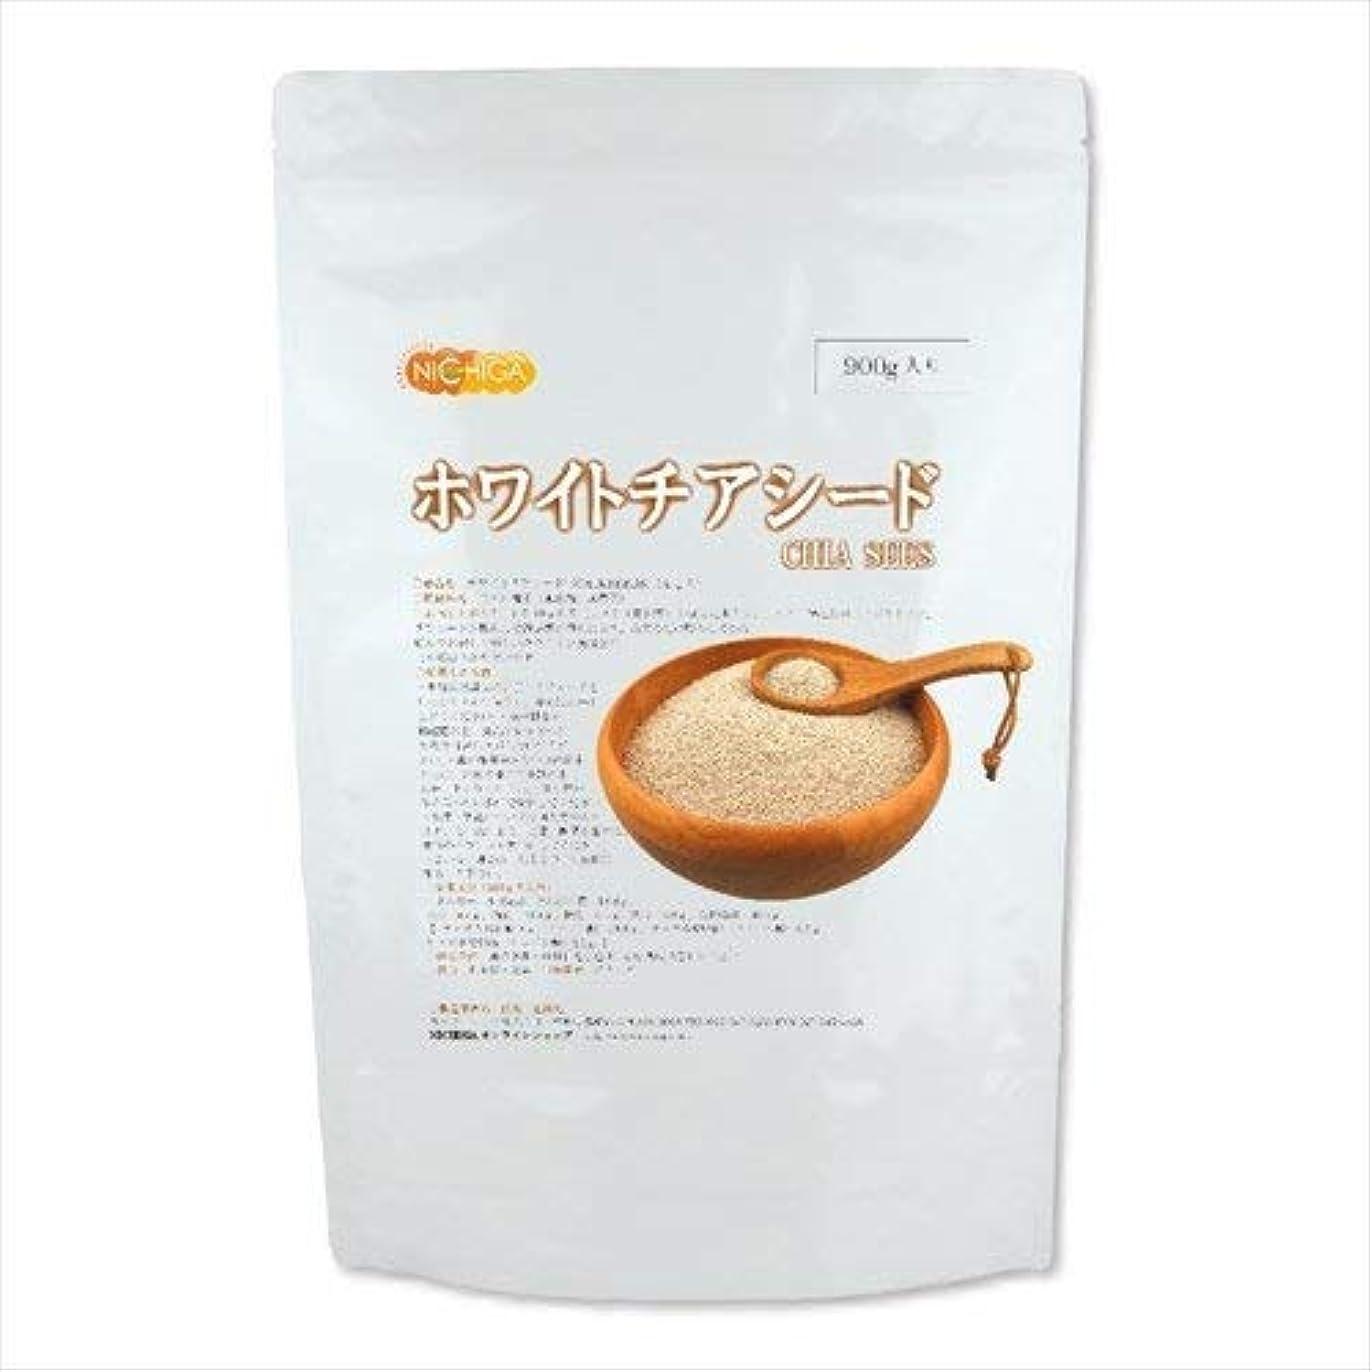 手首提唱するベーカリーホワイトチアシード 900g CHIASEEDS オメガ3脂肪酸を含む奇跡の食品 (Miracle foods) [01] NICHIGA(ニチガ)